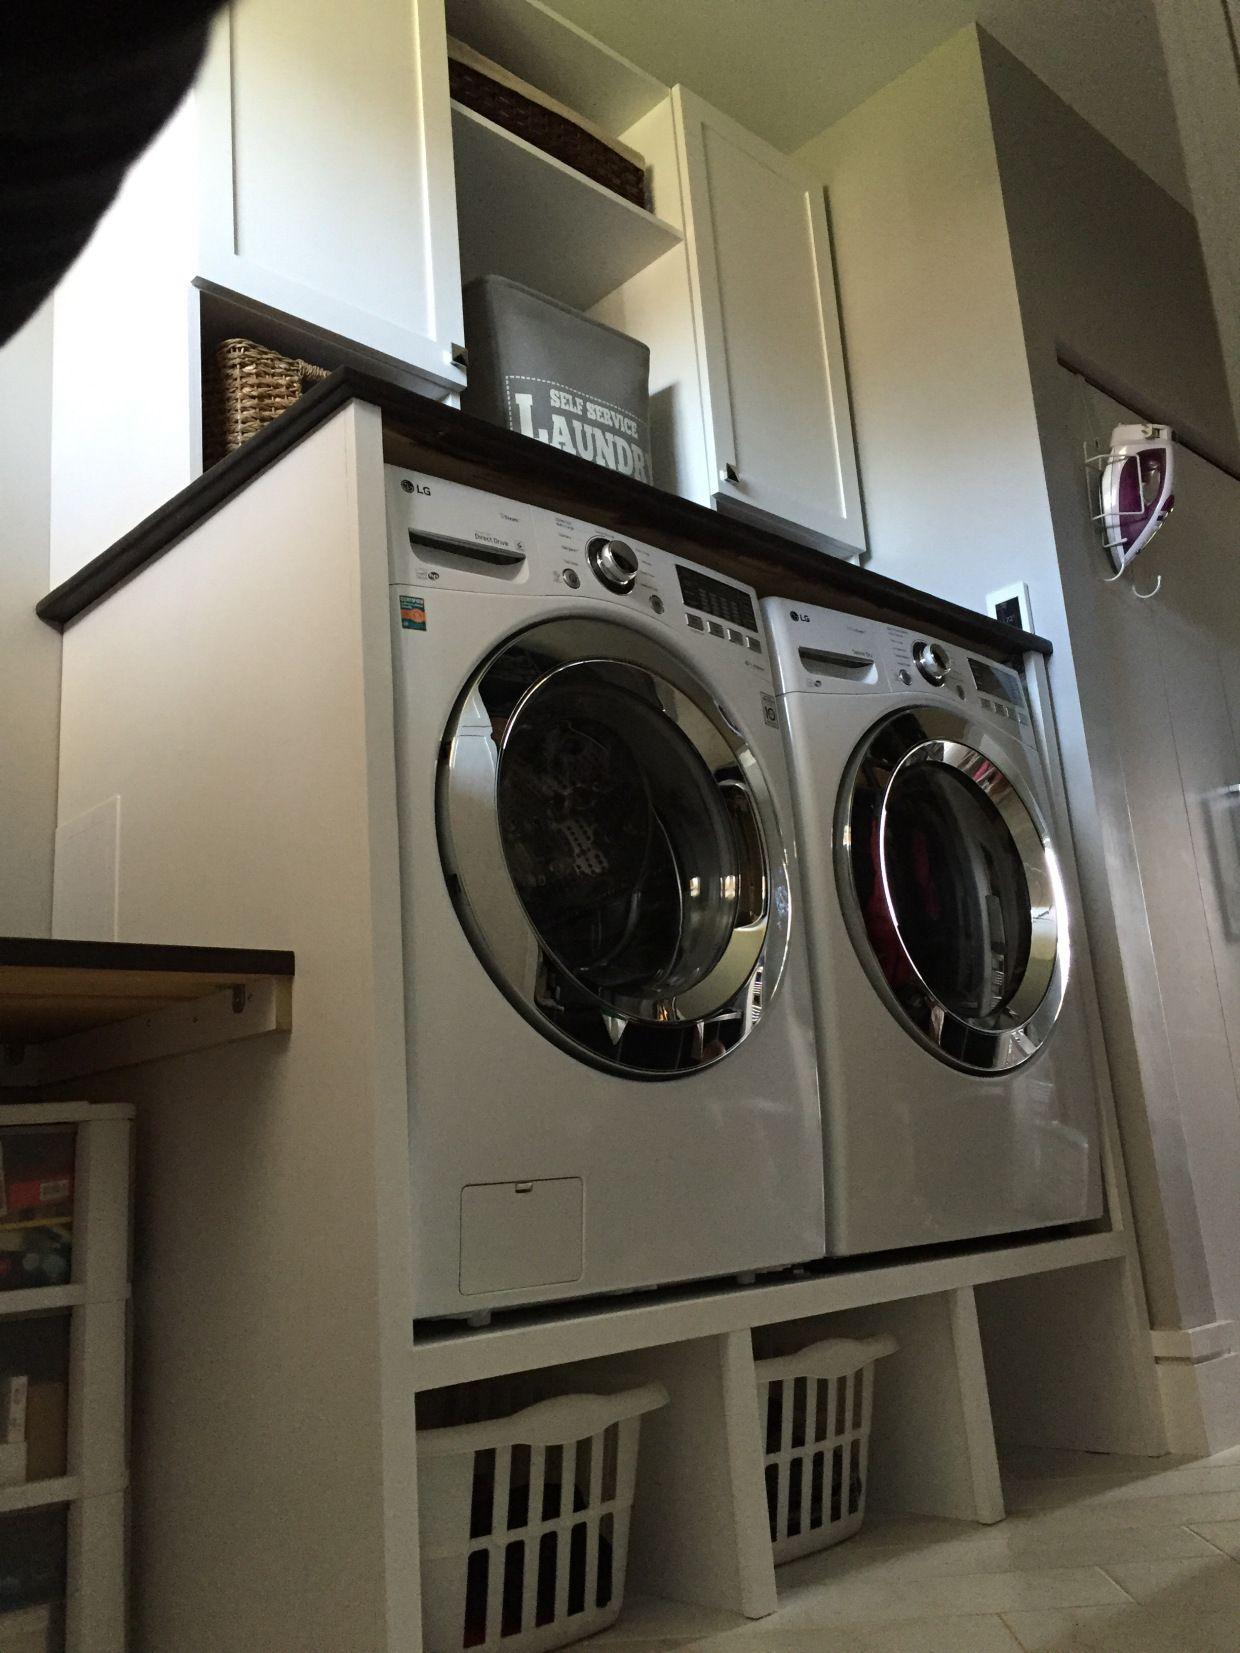 Washer And Dryer Pedestal Surround Tutorial Laundry Room Pedestal Washer And Dryer Pedestal Laundry Room Diy